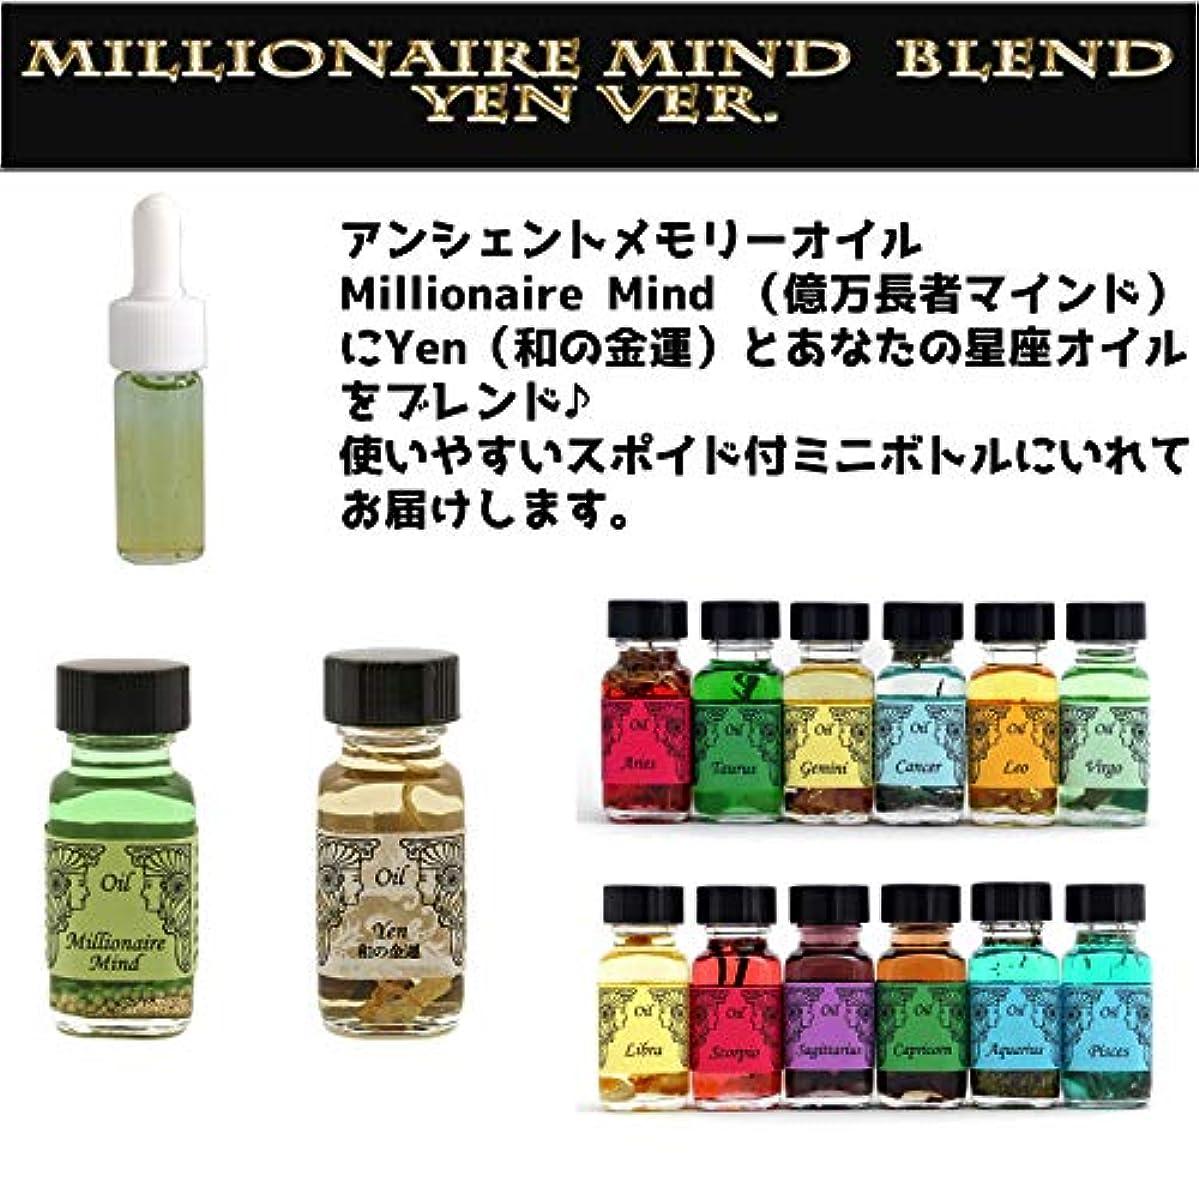 アンシェントメモリーオイル Millionaire Mind 億万長者マインド ブレンド【Yen 和の金運&みずがめ座】